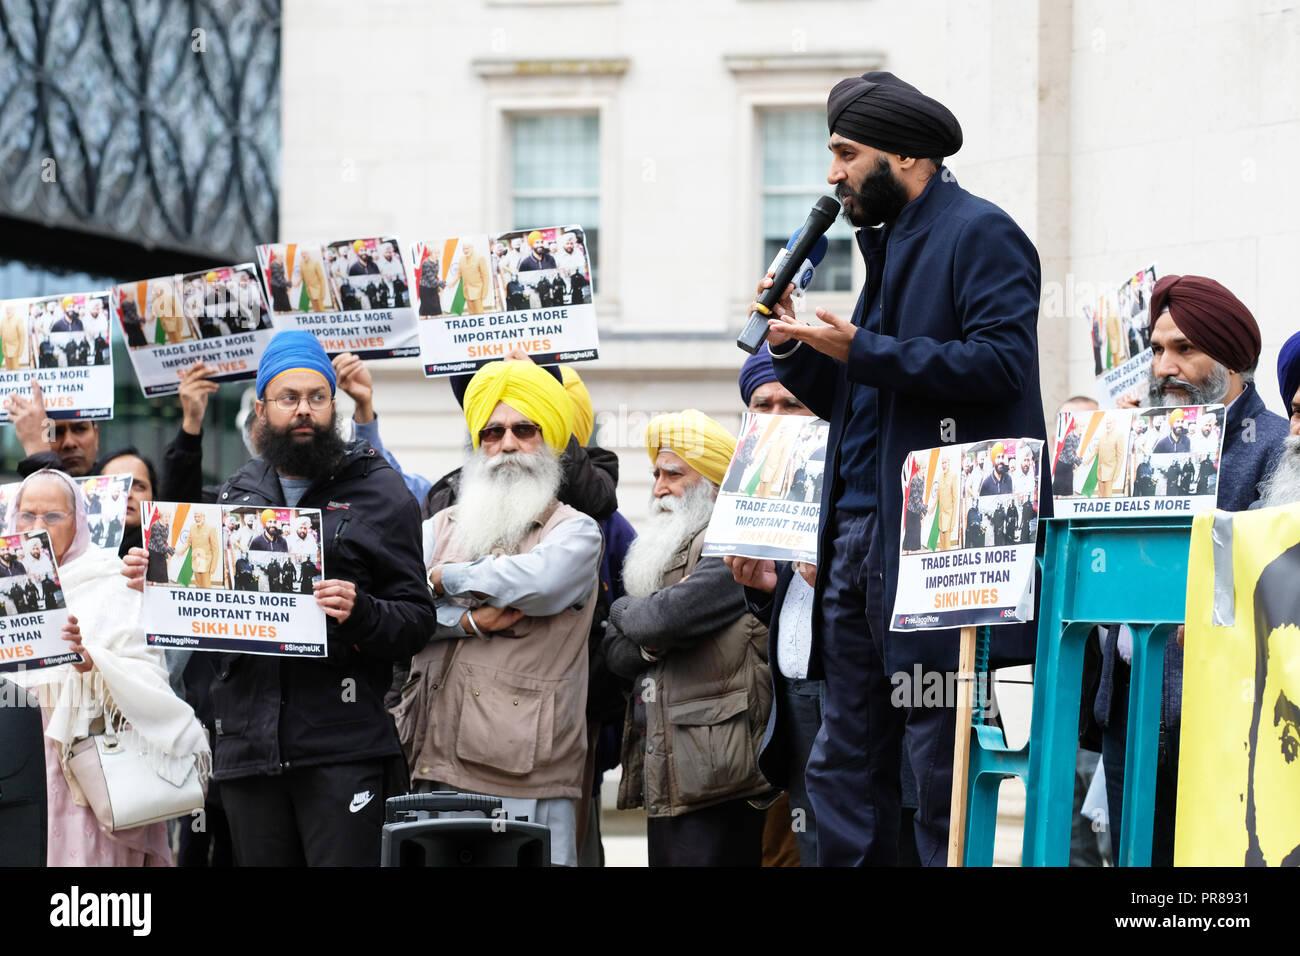 Birmingham, Reino Unido - 30 de septiembre de 2018. Orador en una protesta para exigir la liberación de Jagtar Singh Johal, de 31 años de Escocia sij británico detenido en la India durante casi un año, la protesta fue organizada por el grupo Jaggi gratis ahora. Foto Steven Mayo / Alamy Live News Foto de stock